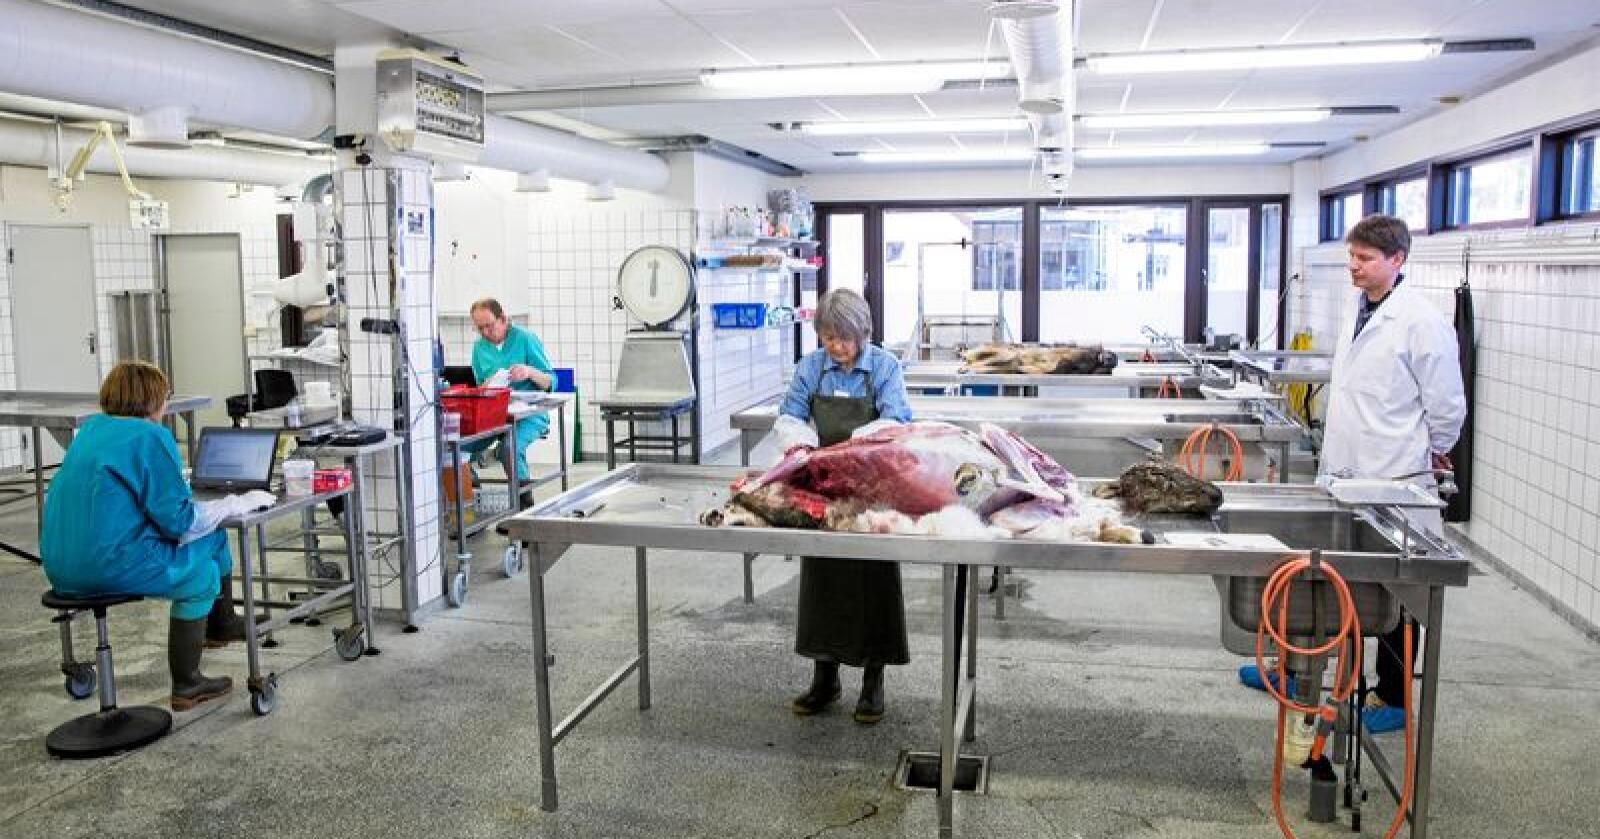 Oslo: Alt skal obduseres i Oslo, om Veterinærinstituttets spareforslag blir stående. Foto: Tore Meek/NTB scanpix